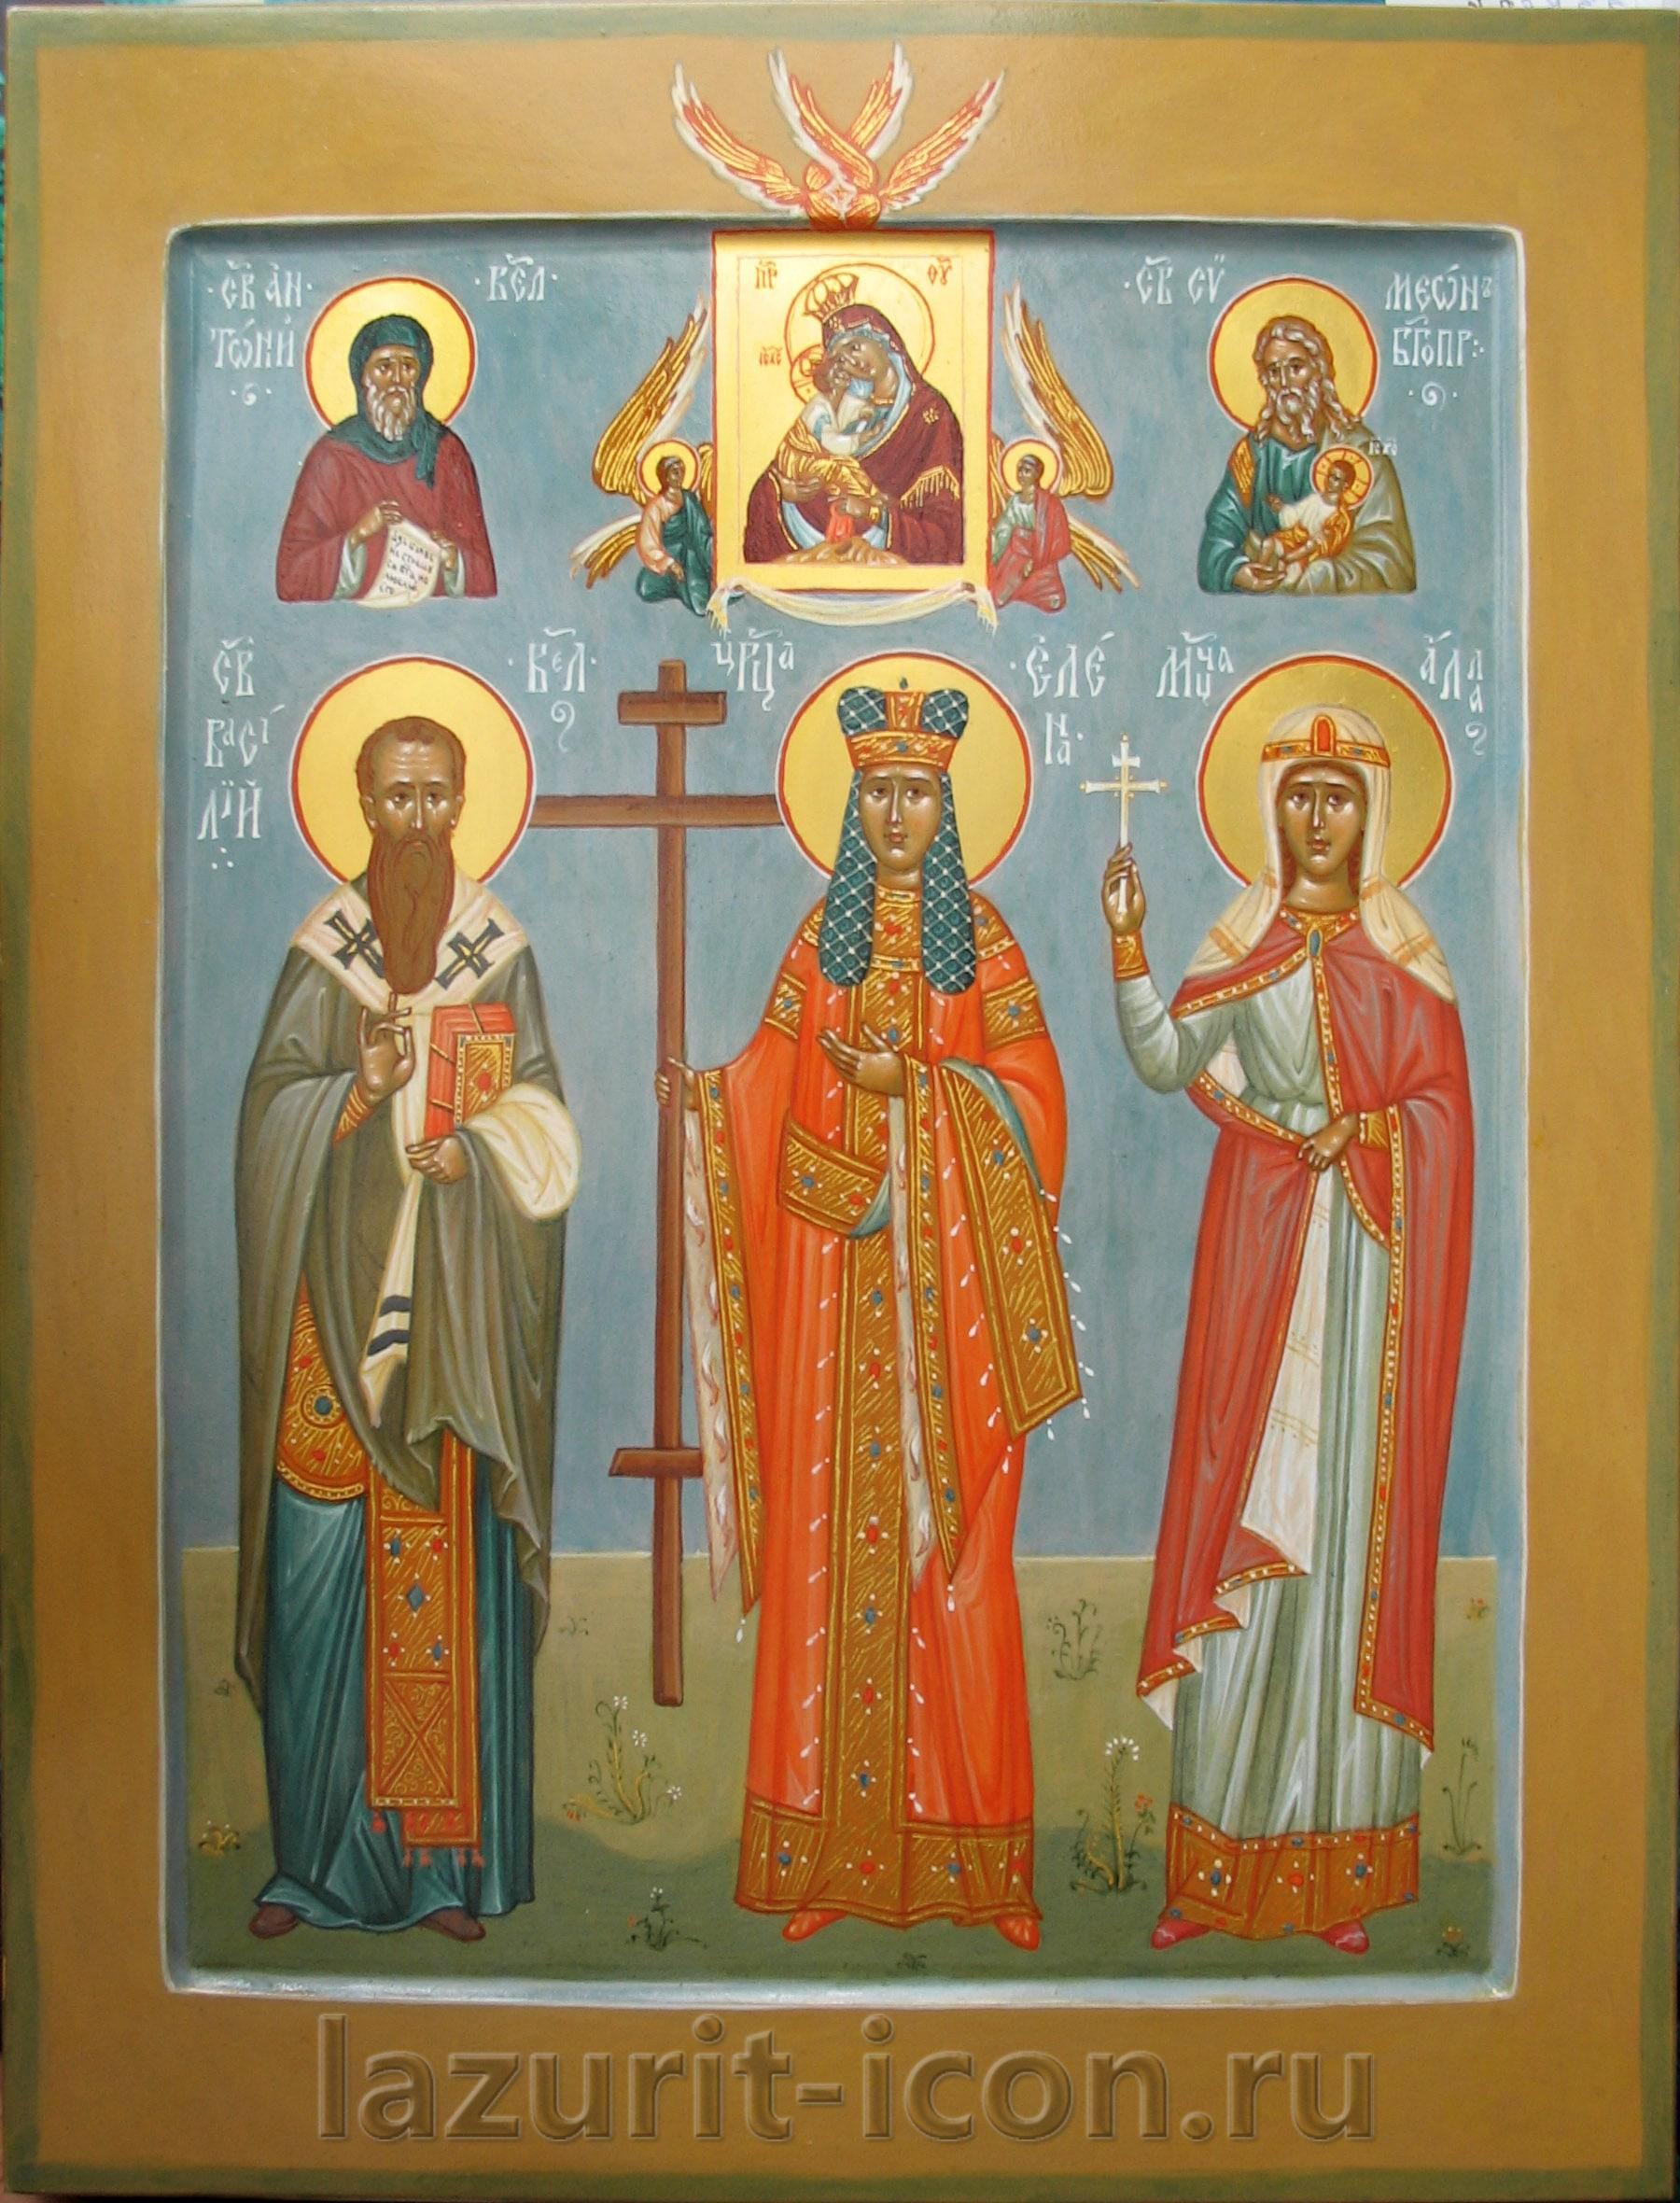 Василий Великий, царица Елена и мученица Алла со святыми